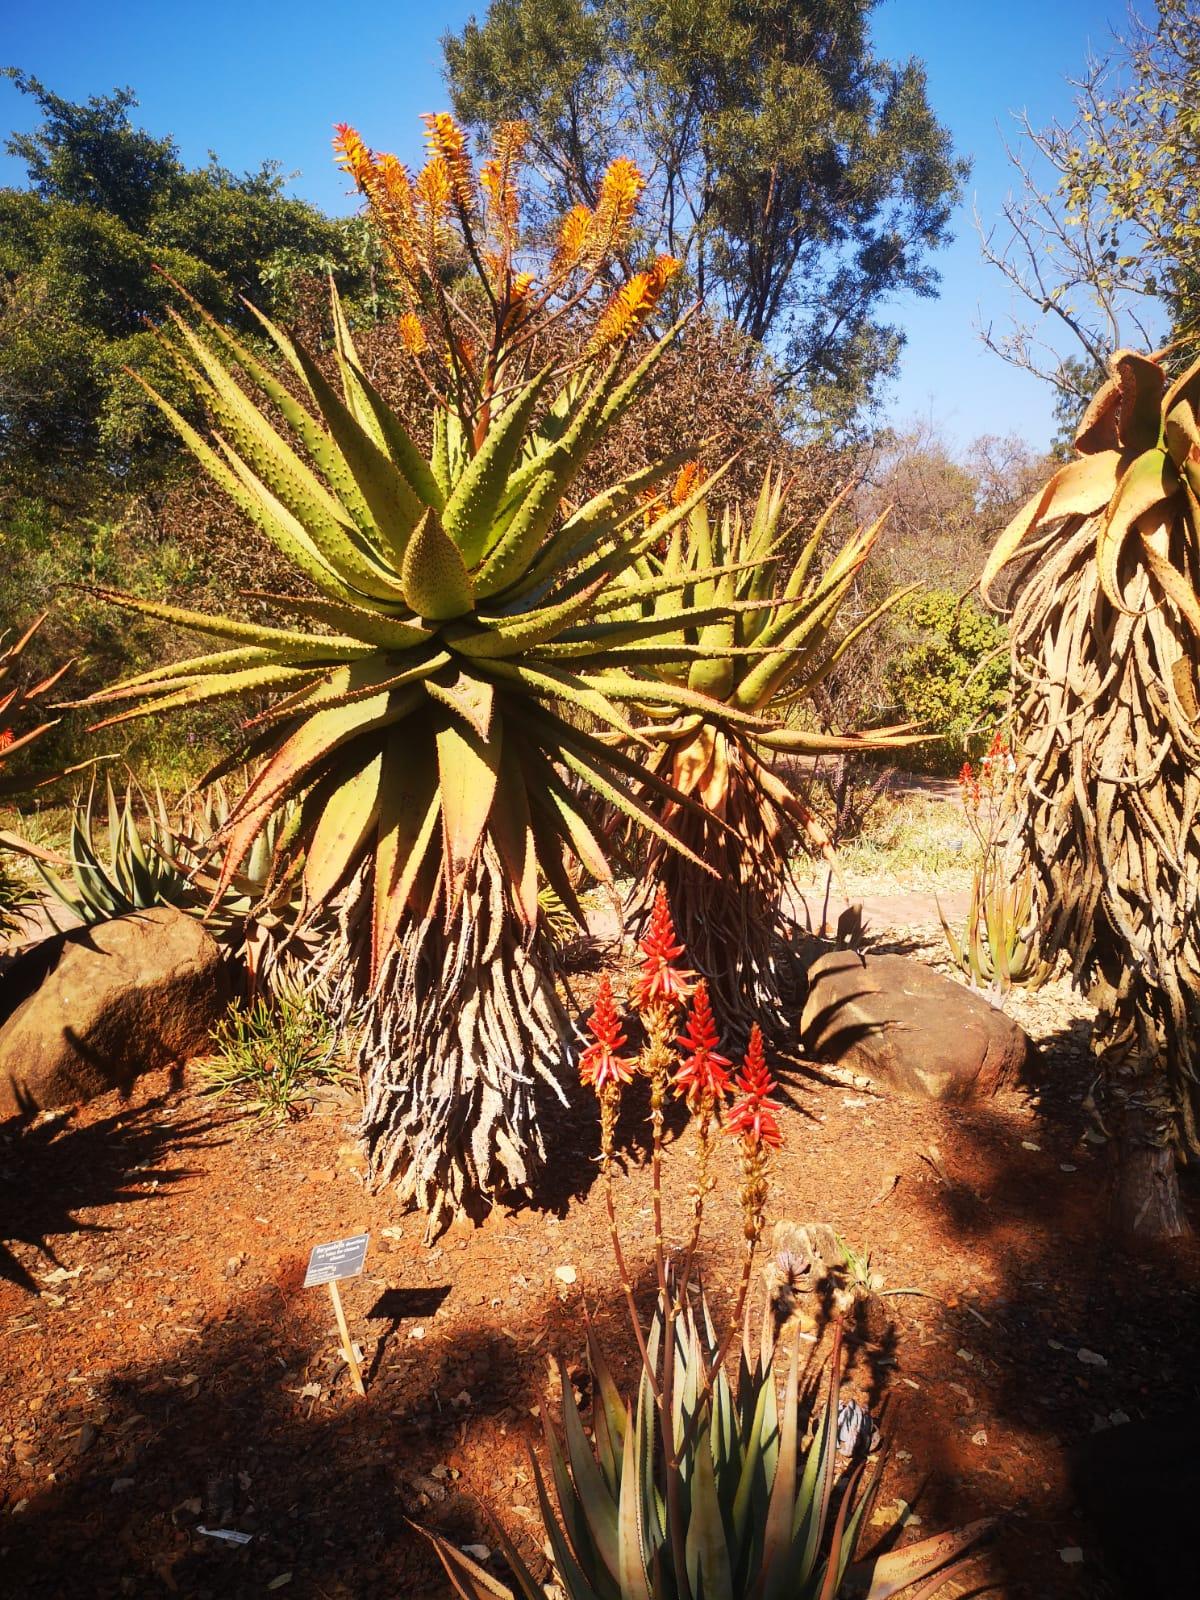 botanical-garden-outdoor-educational-excursion--pretoria-grade-r-to-10